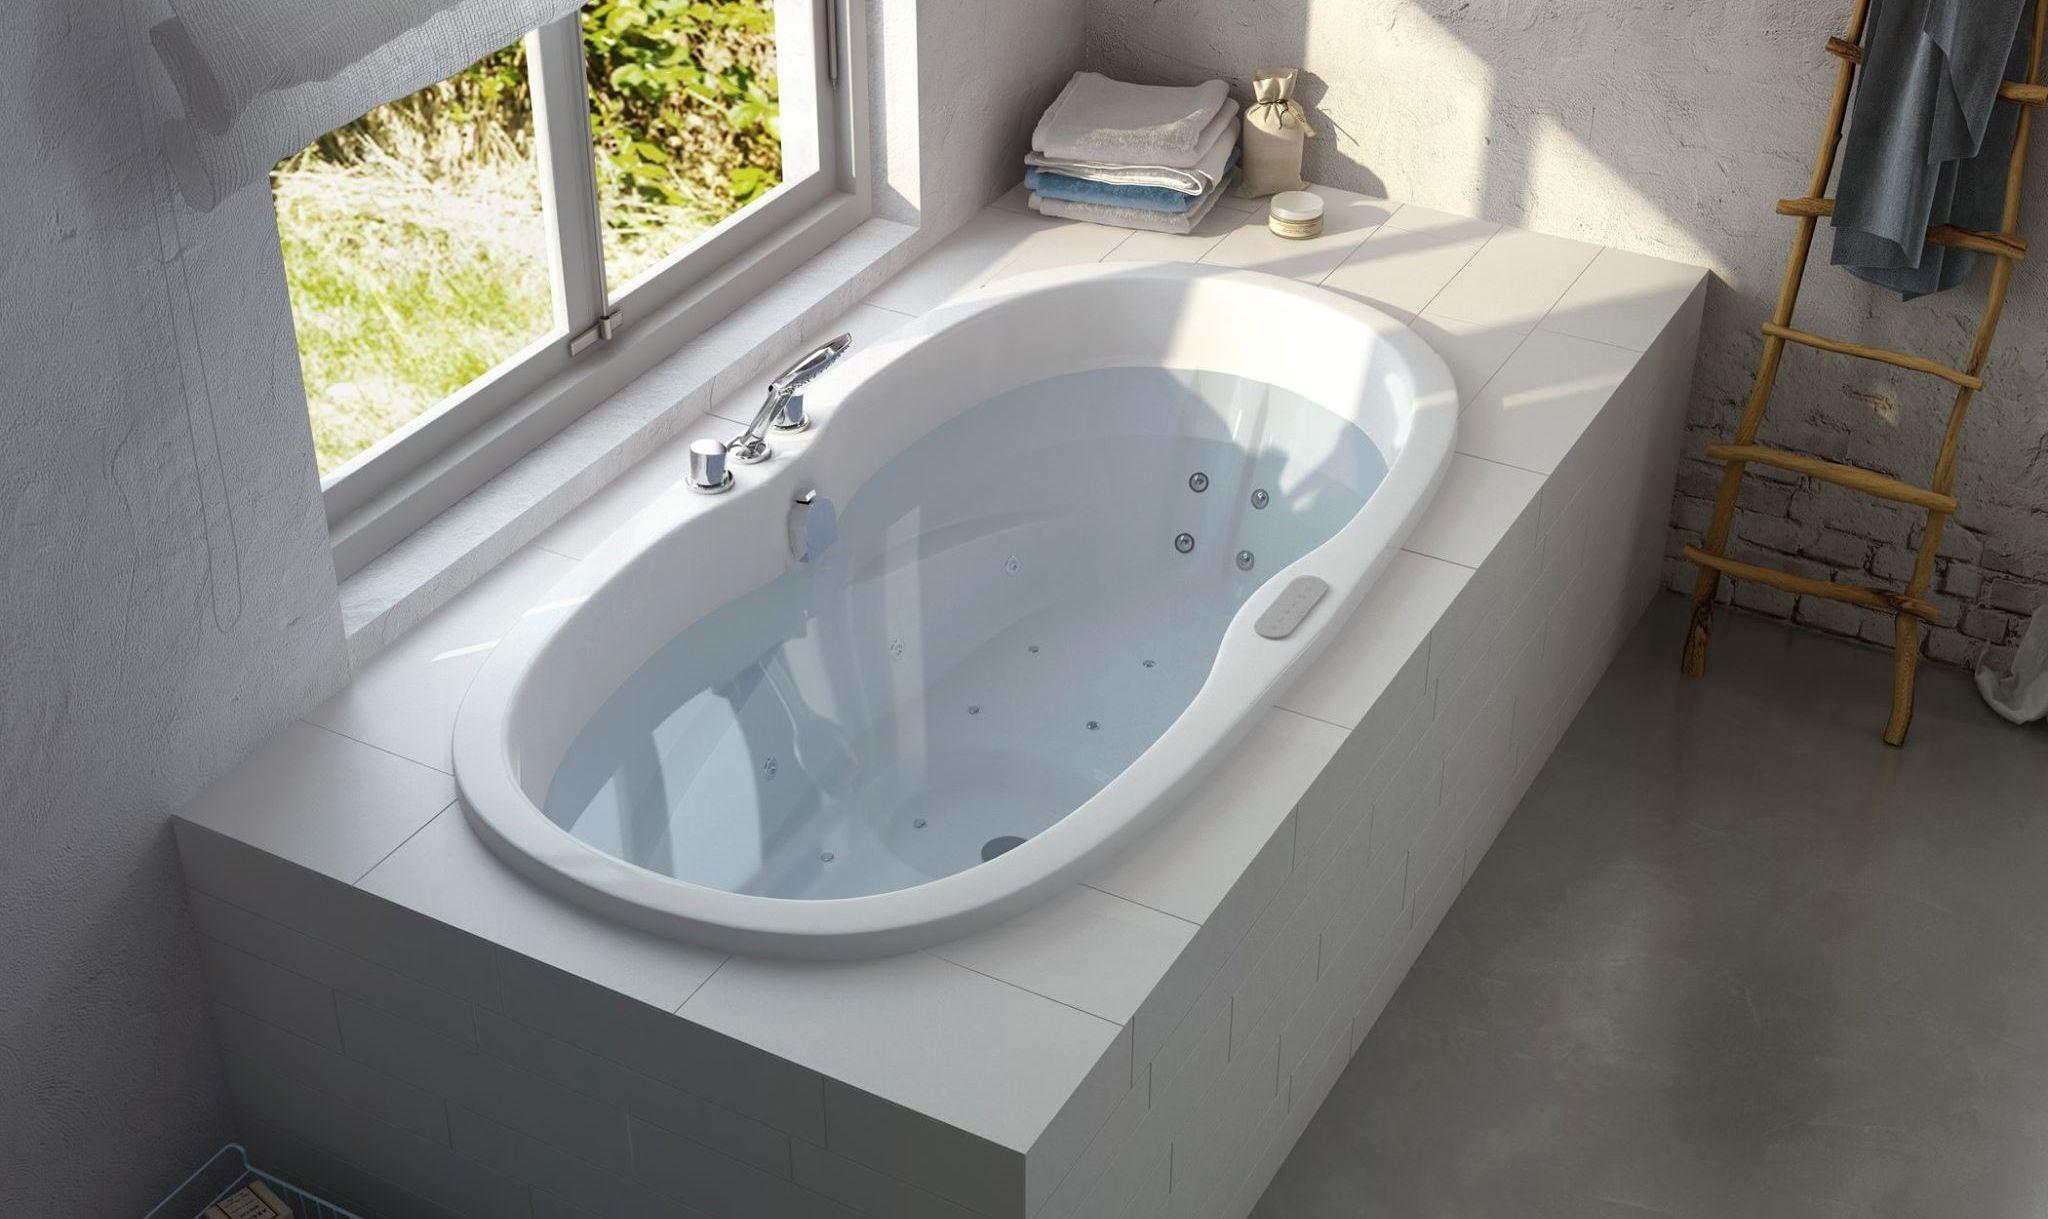 Whirlpool Baden Badkamer : Bad met massagesystemen whirlpool van cleopatra baden